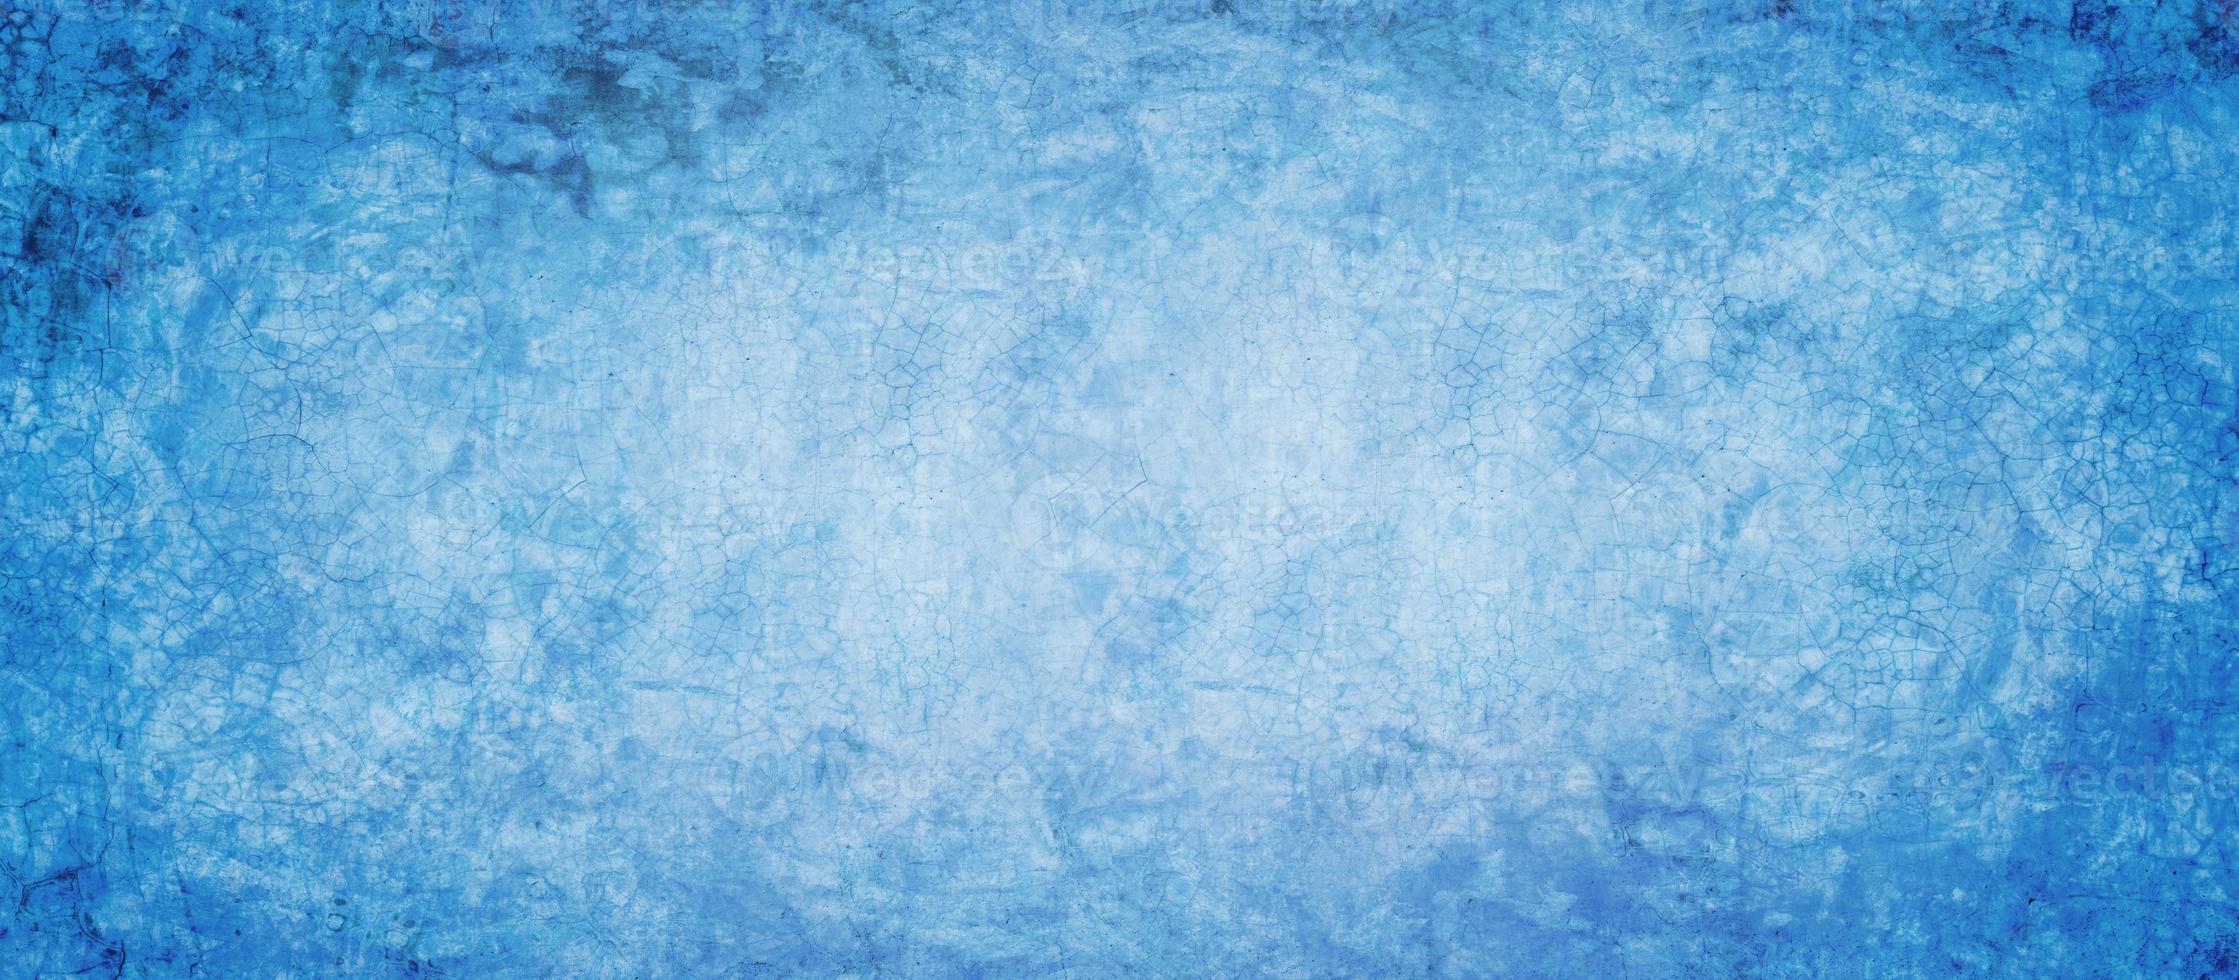 ciment bleu foncé et texture grunge photo